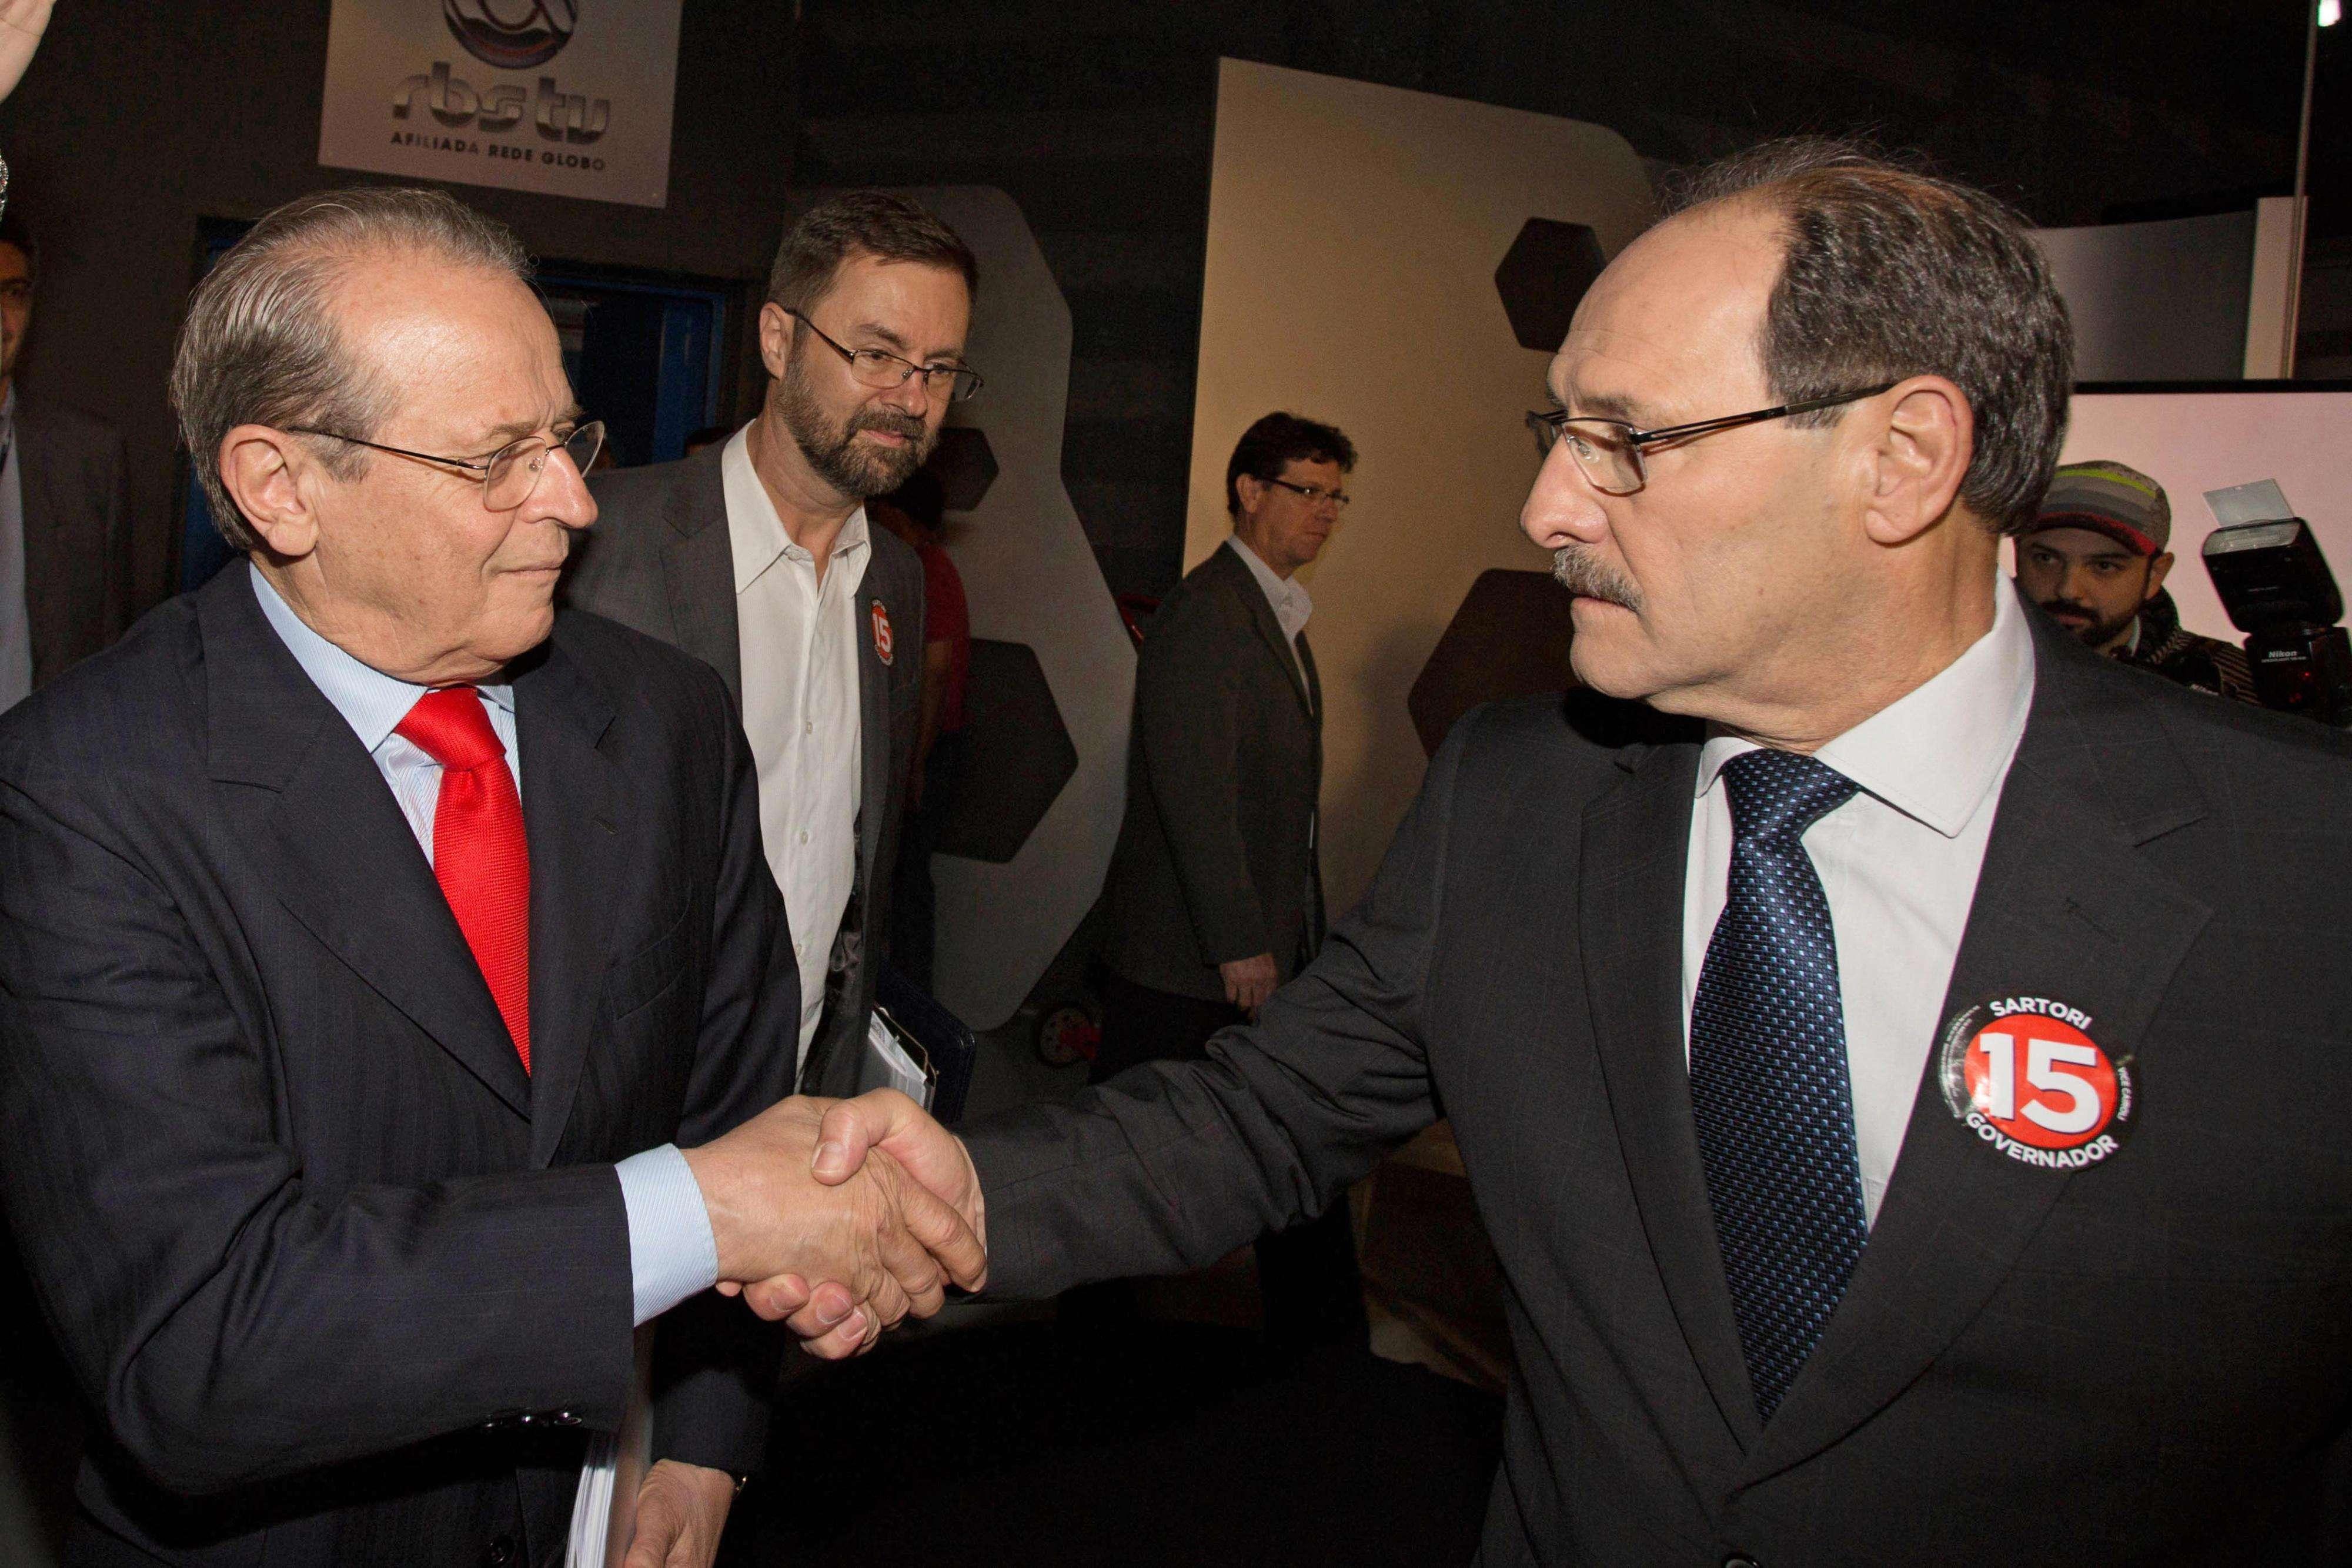 Candidatos se encontraram em debate nesta quinta-feira Foto: Caco Argemi/APPRS/Divulgação